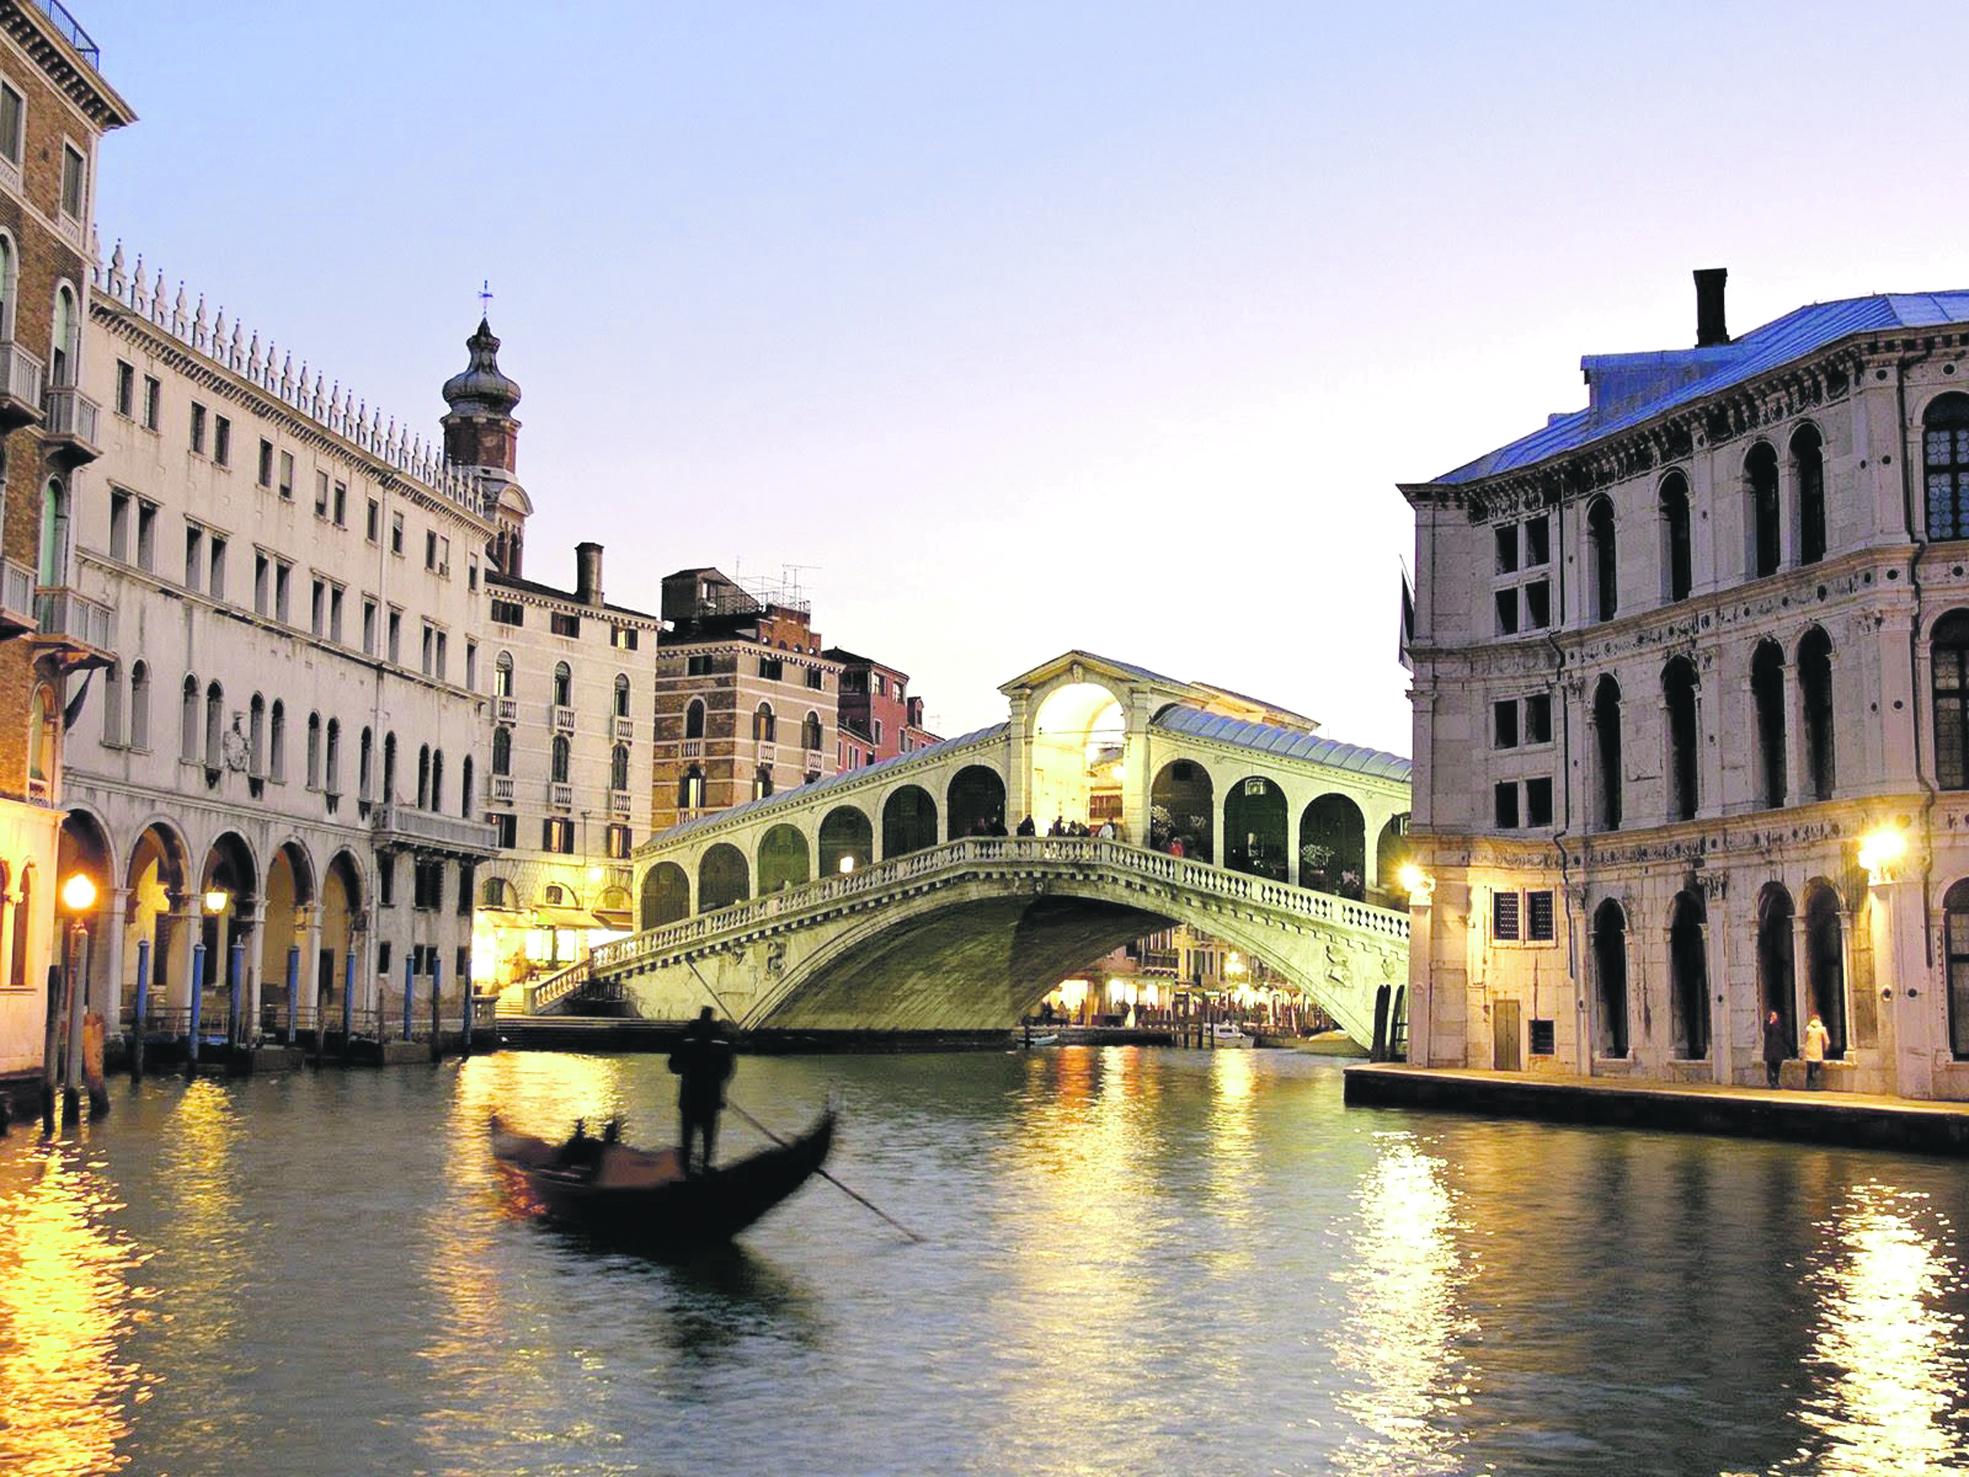 Mansões à beira d'água, palácios e igrejas dão ao passeio pelo Grand Canal a sensação de se estar navegando em uma pintura